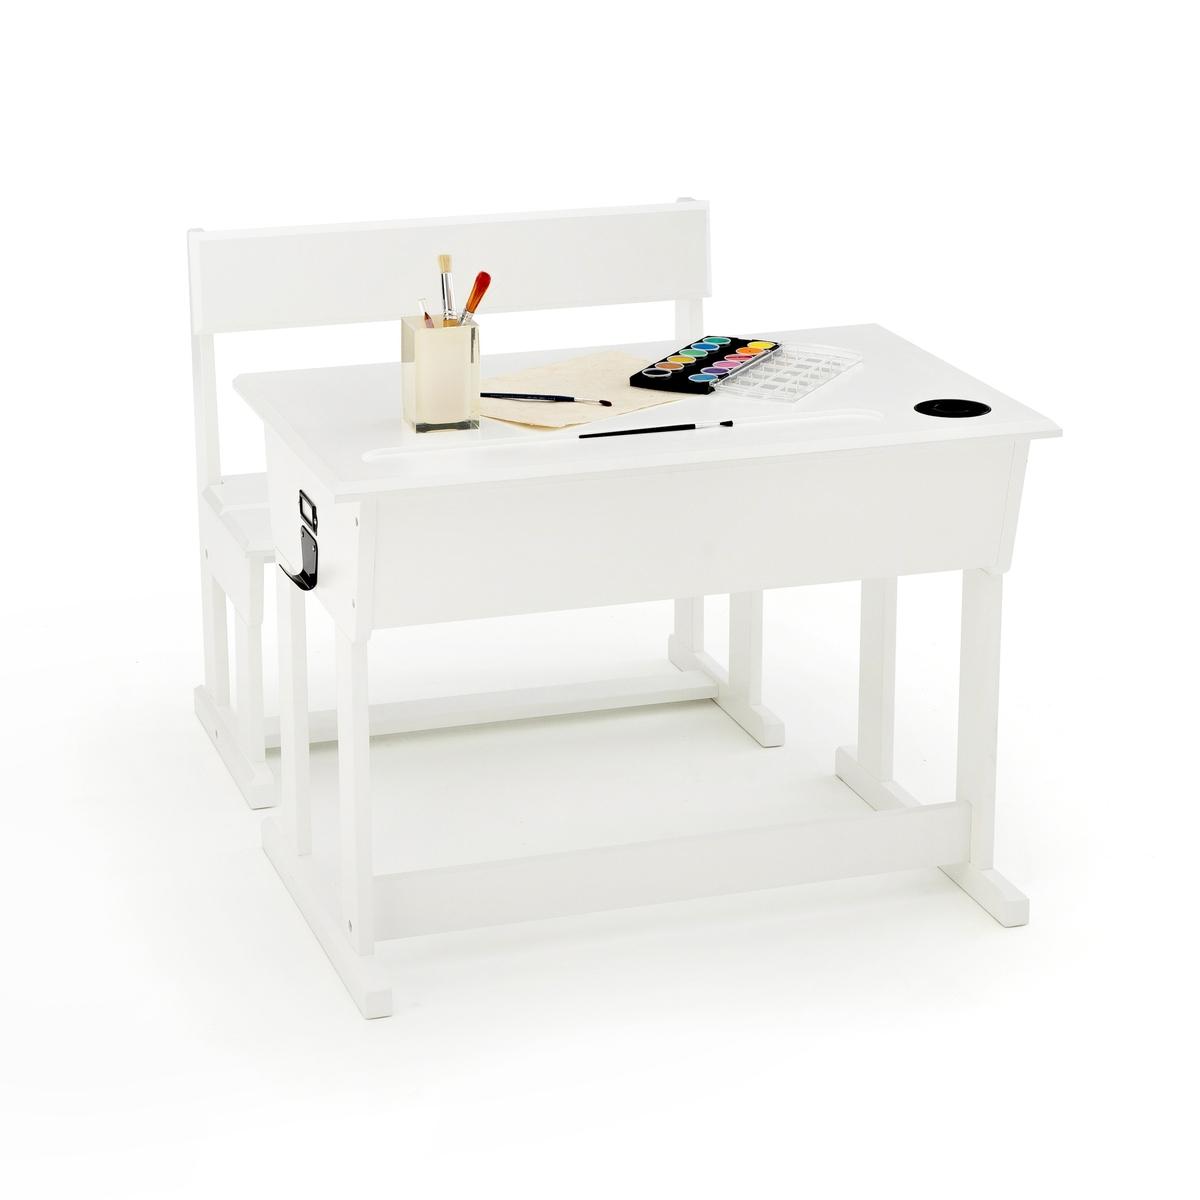 Стол-парта La Redoute школьный стул Toudou единый размер белый